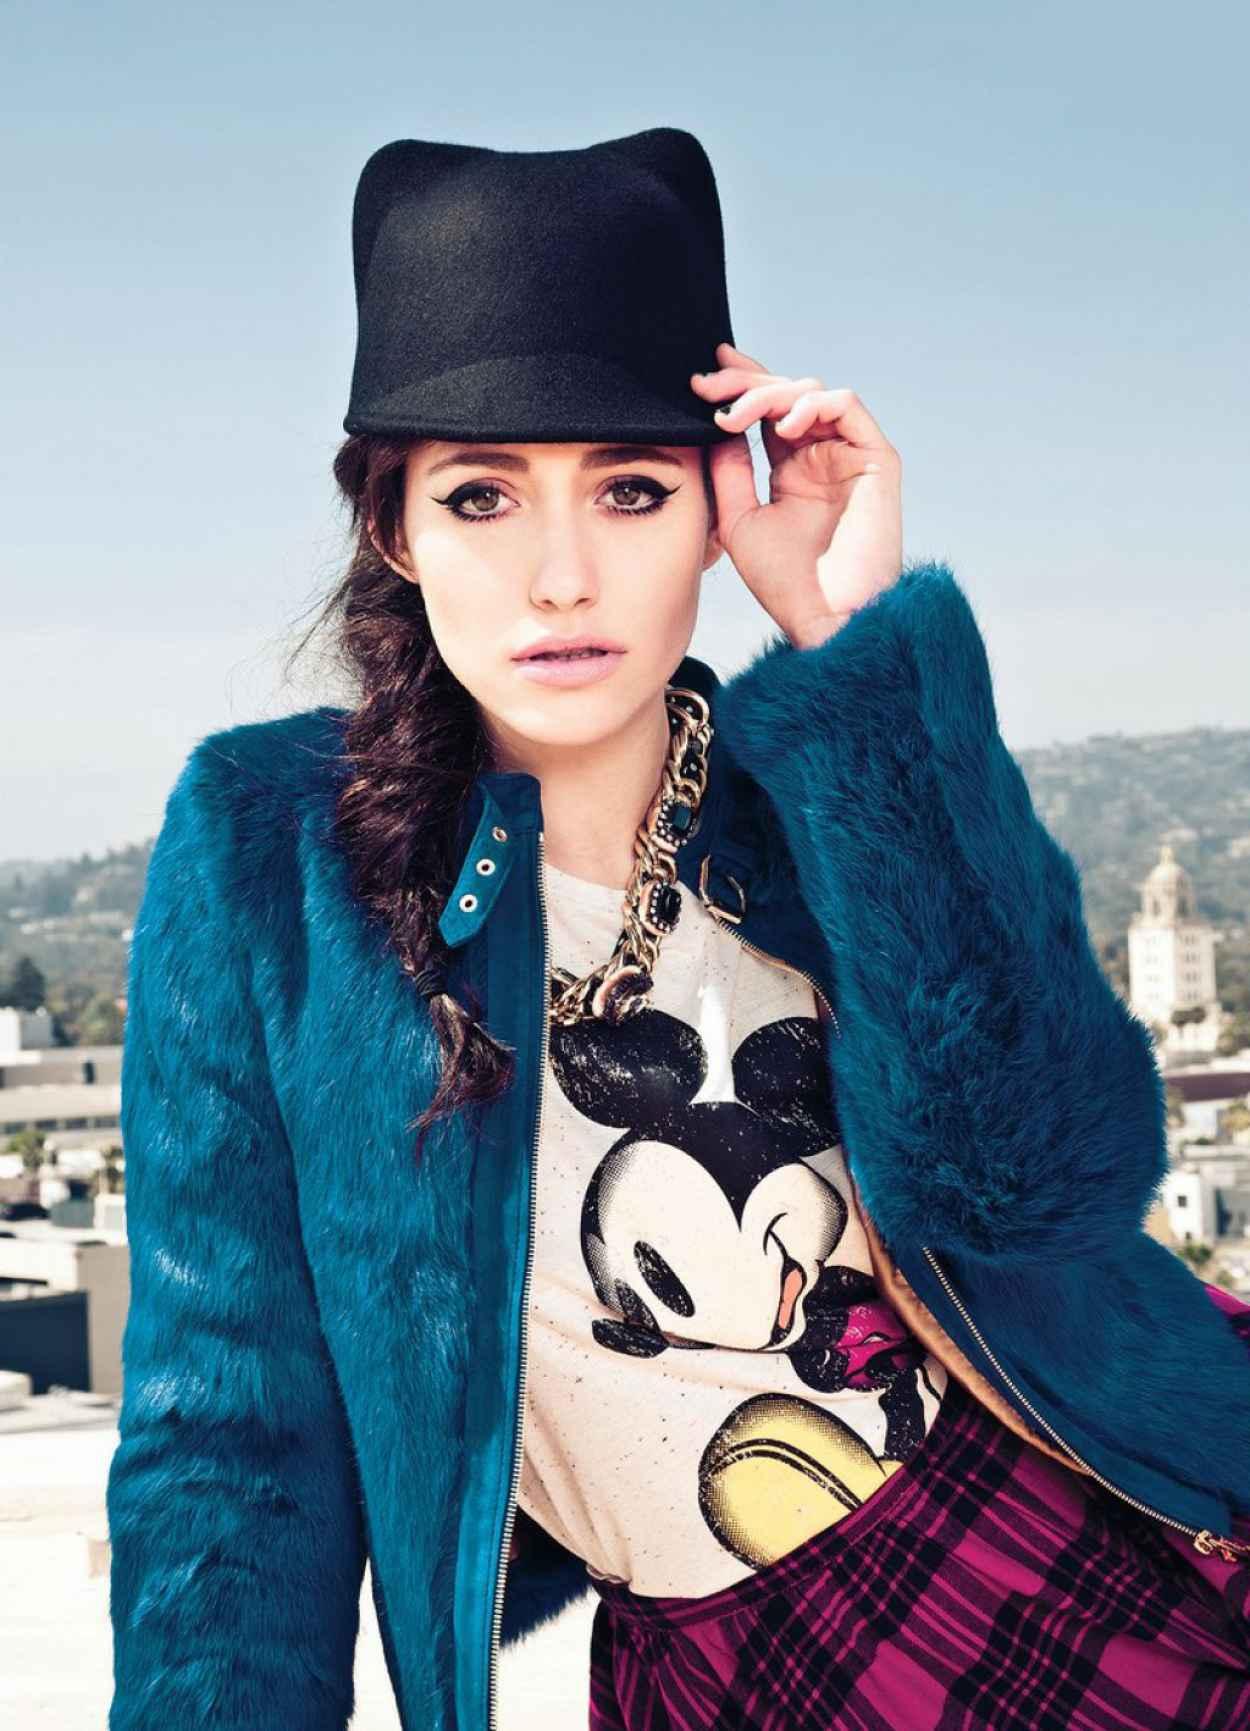 Emmy Rossum - COMPANY Magazine (UK) - January 2015 - Issue-1